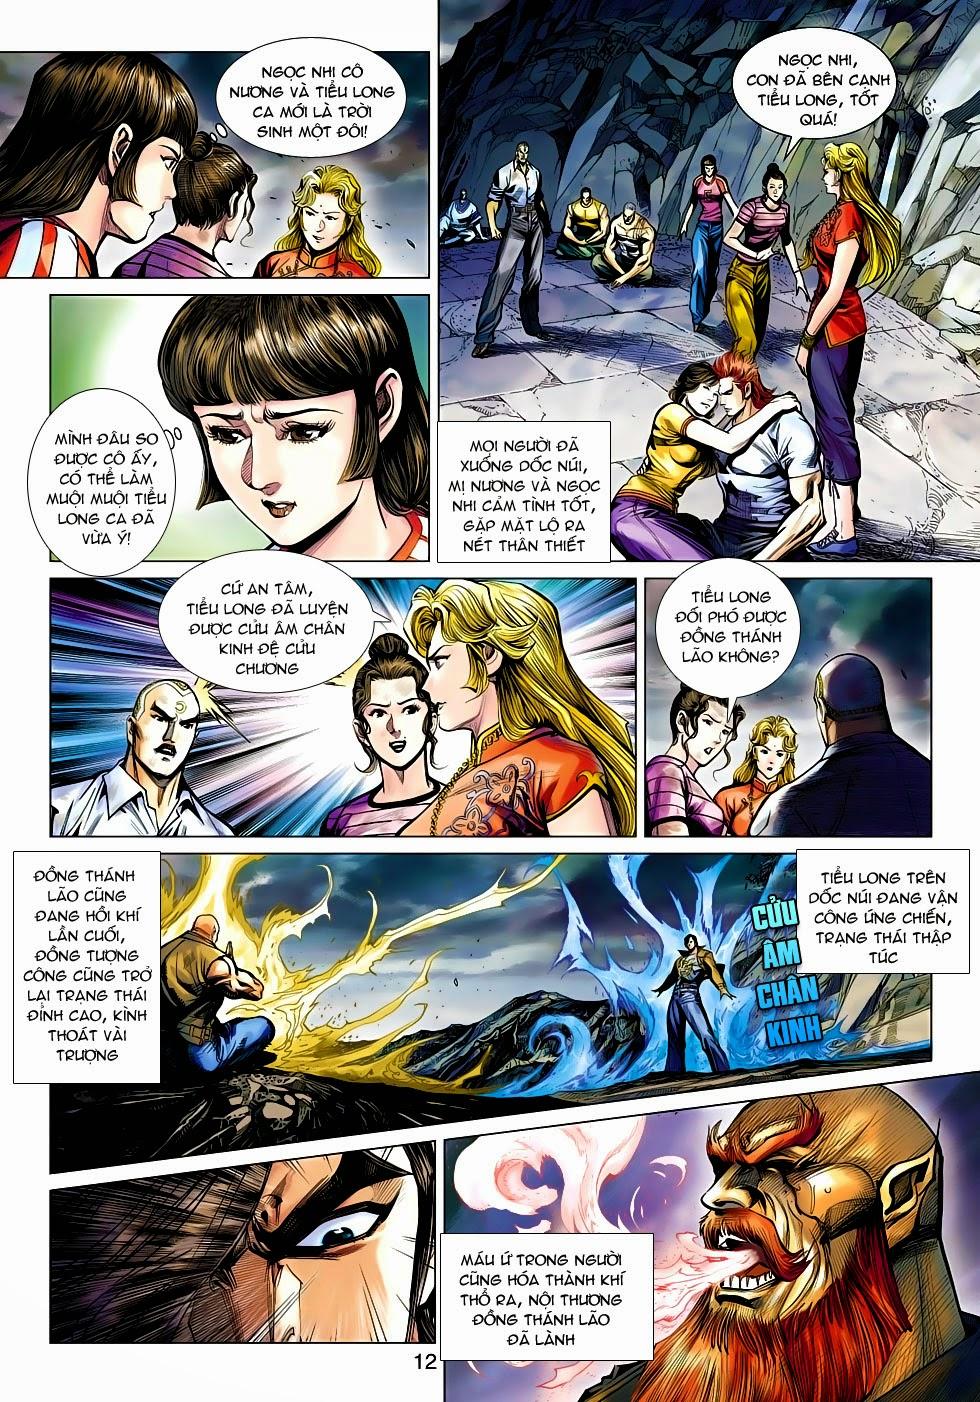 Tân Tác Long Hổ Môn chap 470 - Trang 12